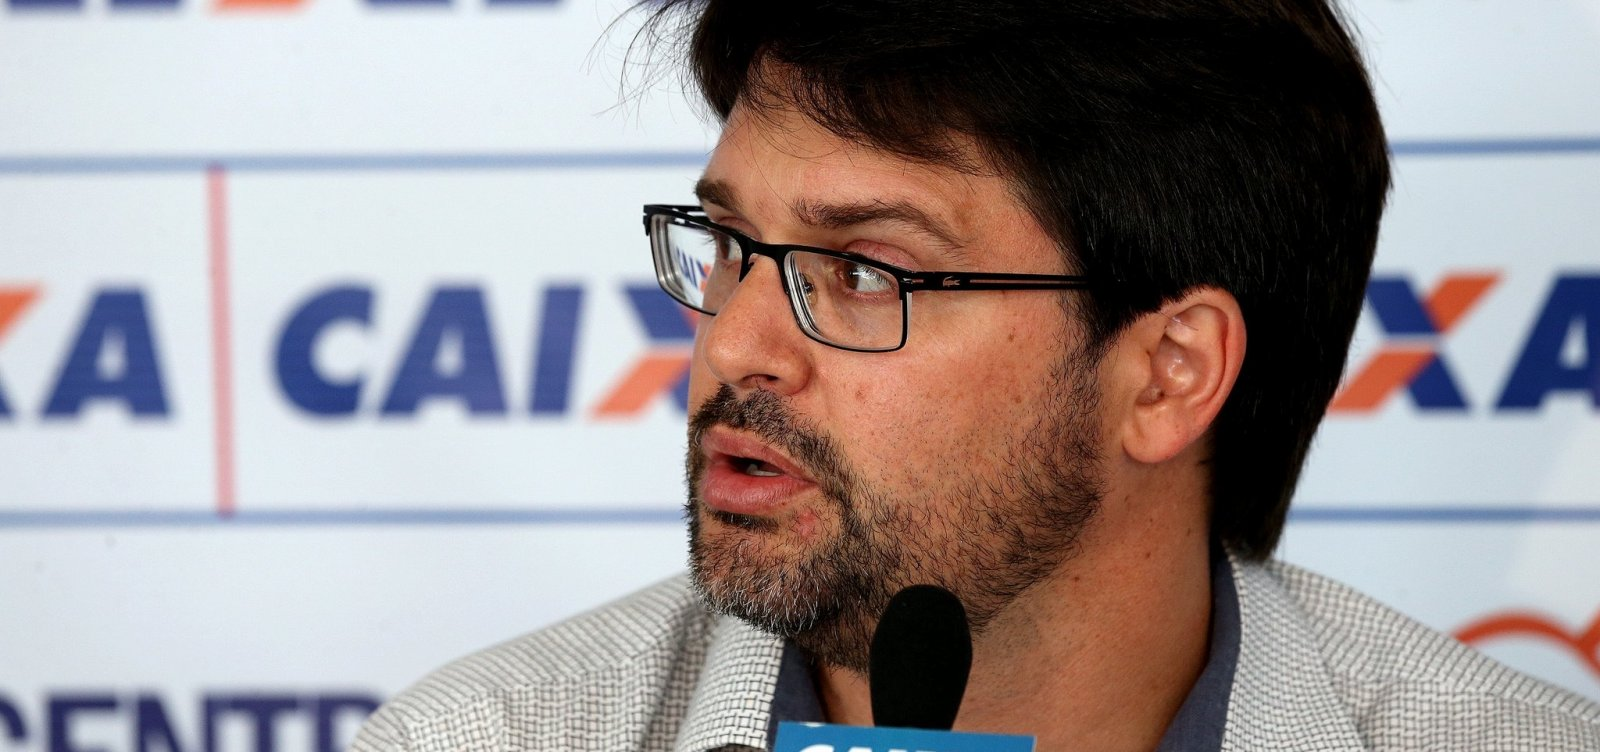 [Presidente do Bahia critica arbitragem de jogo contra o Santos: 'Merdinhas']